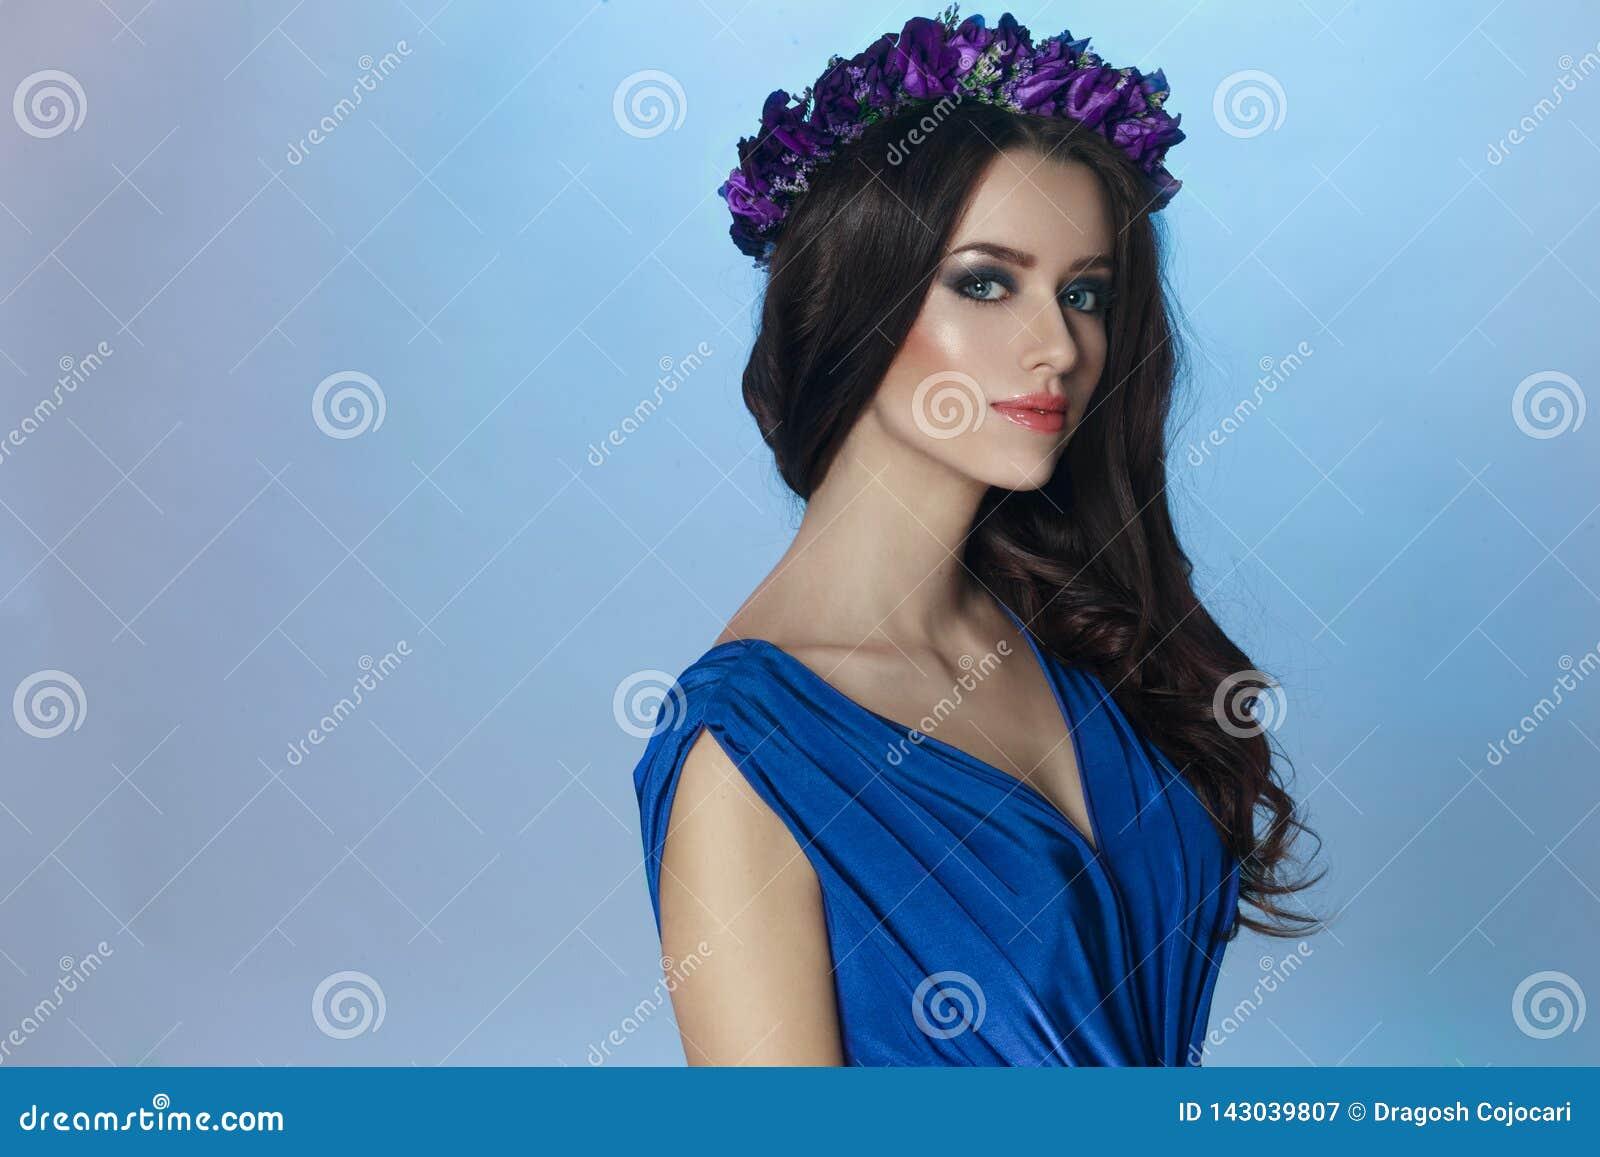 Ein schönes brunette Modell mit bilden und gelocktes langes Haar und Krone mit Veilchenblumen auf ihrem Kopf